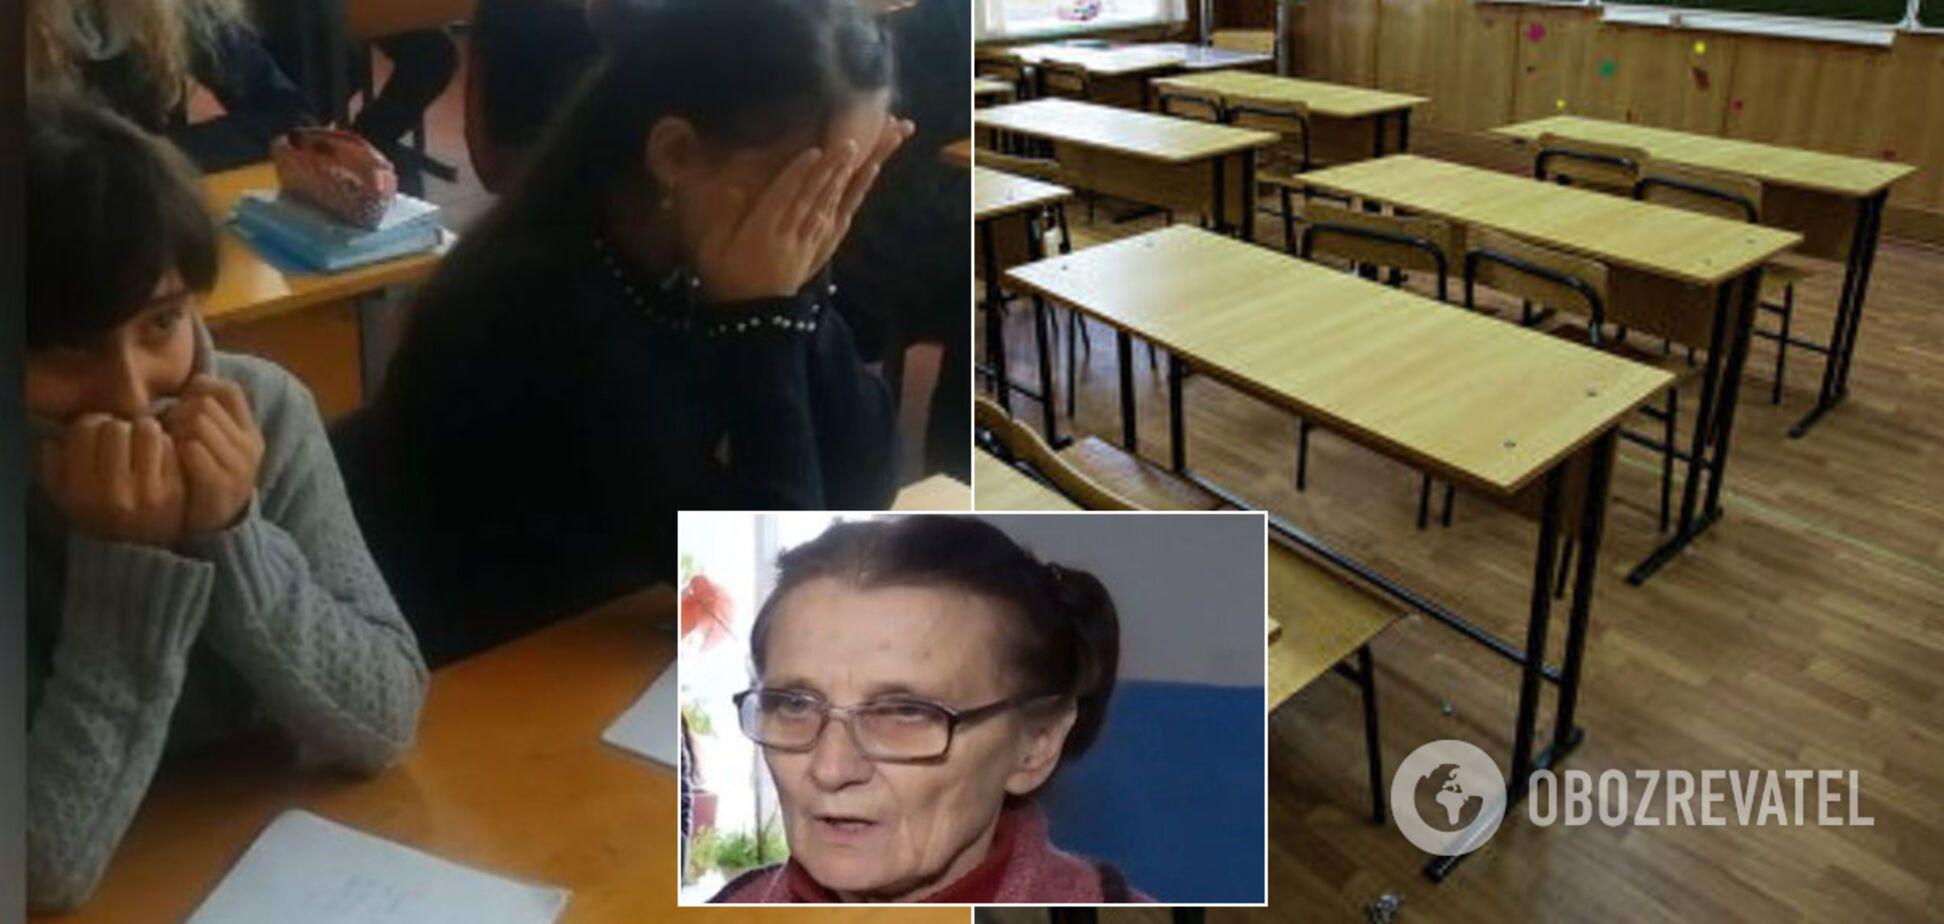 Судится с соседями и бьет тяпкой по голове: появились детали скандала с учительницей на Сумщине, которая брала детей в 'заложники'